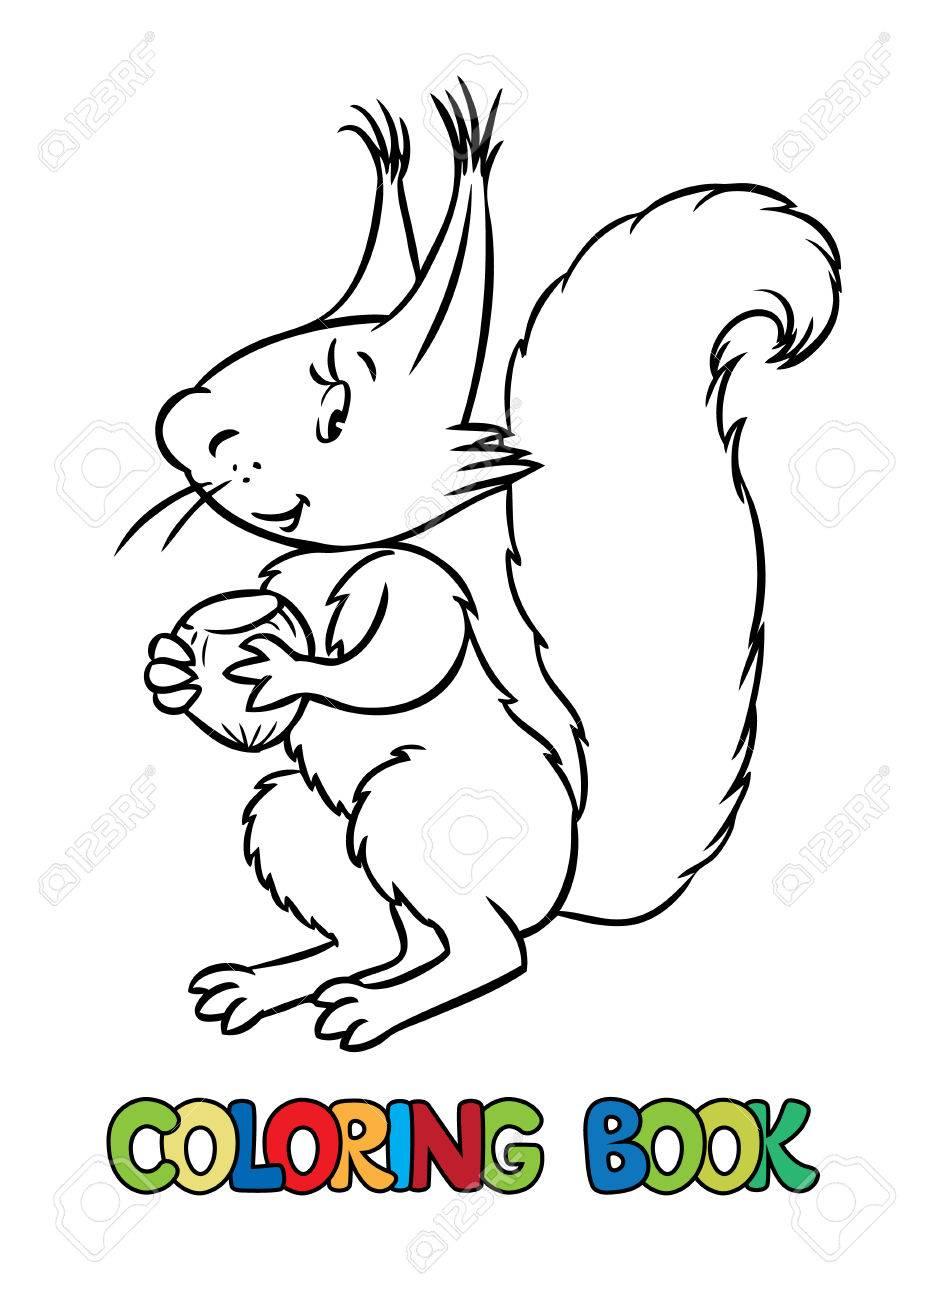 Malbuch Oder Ausmalbild Von Litle Lustiges Eichhörnchen Mit Einer